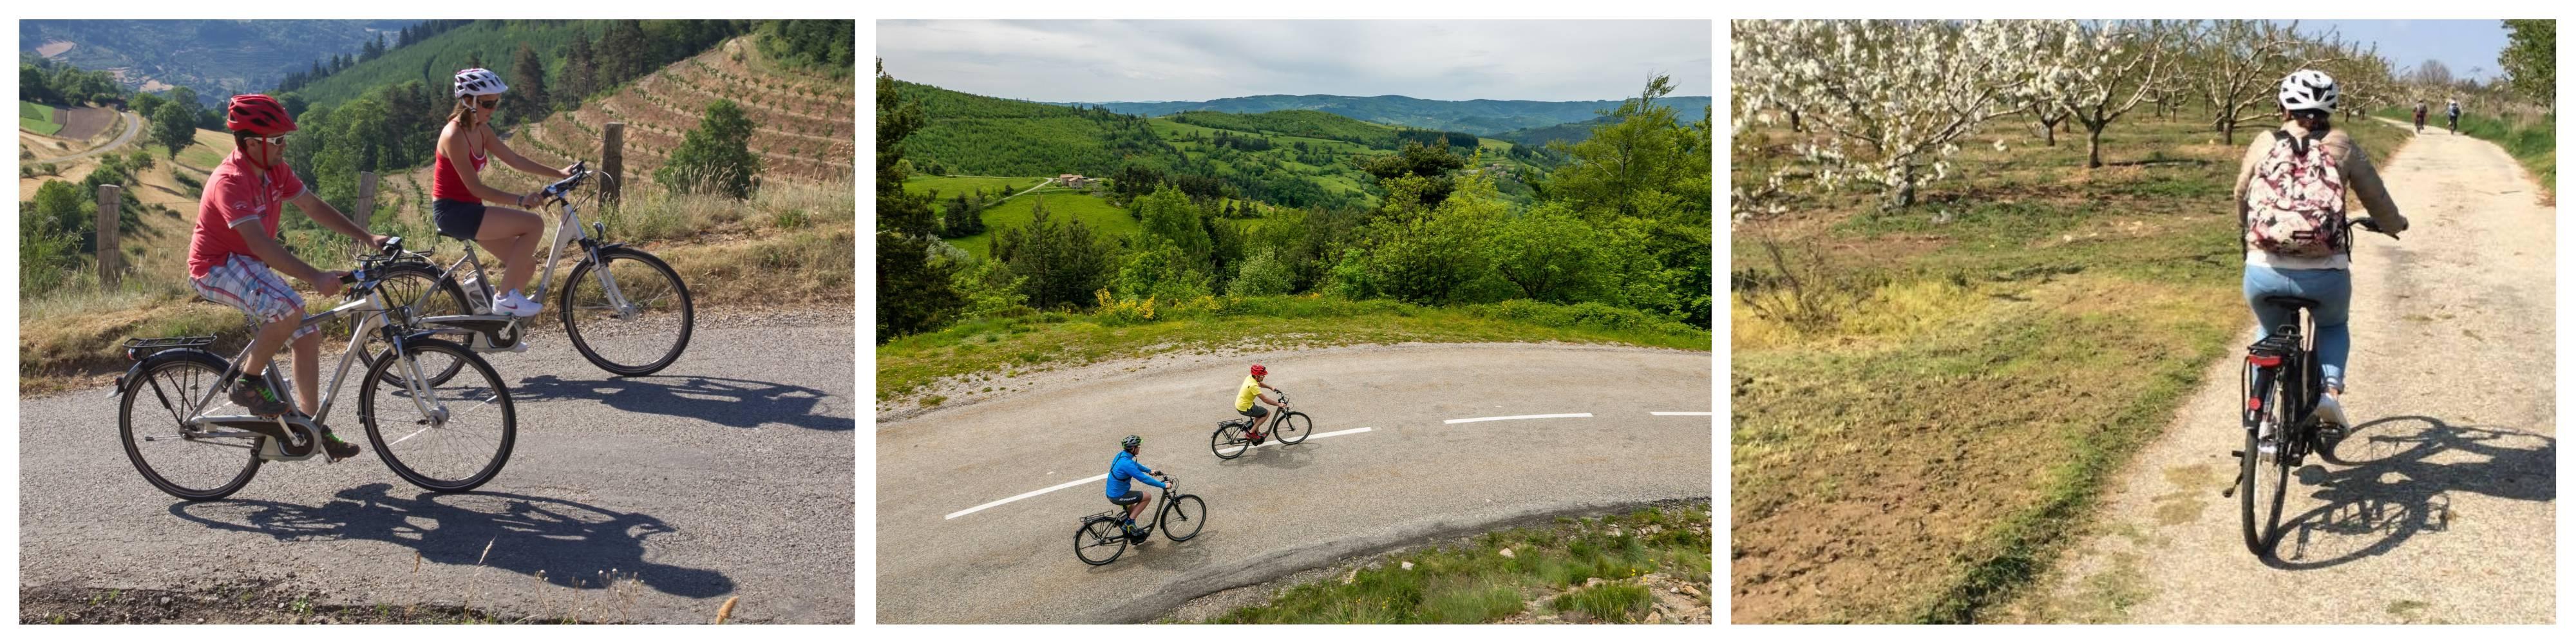 Vélo à assistance électrique sur les Routes de lArdéchoise.jpg